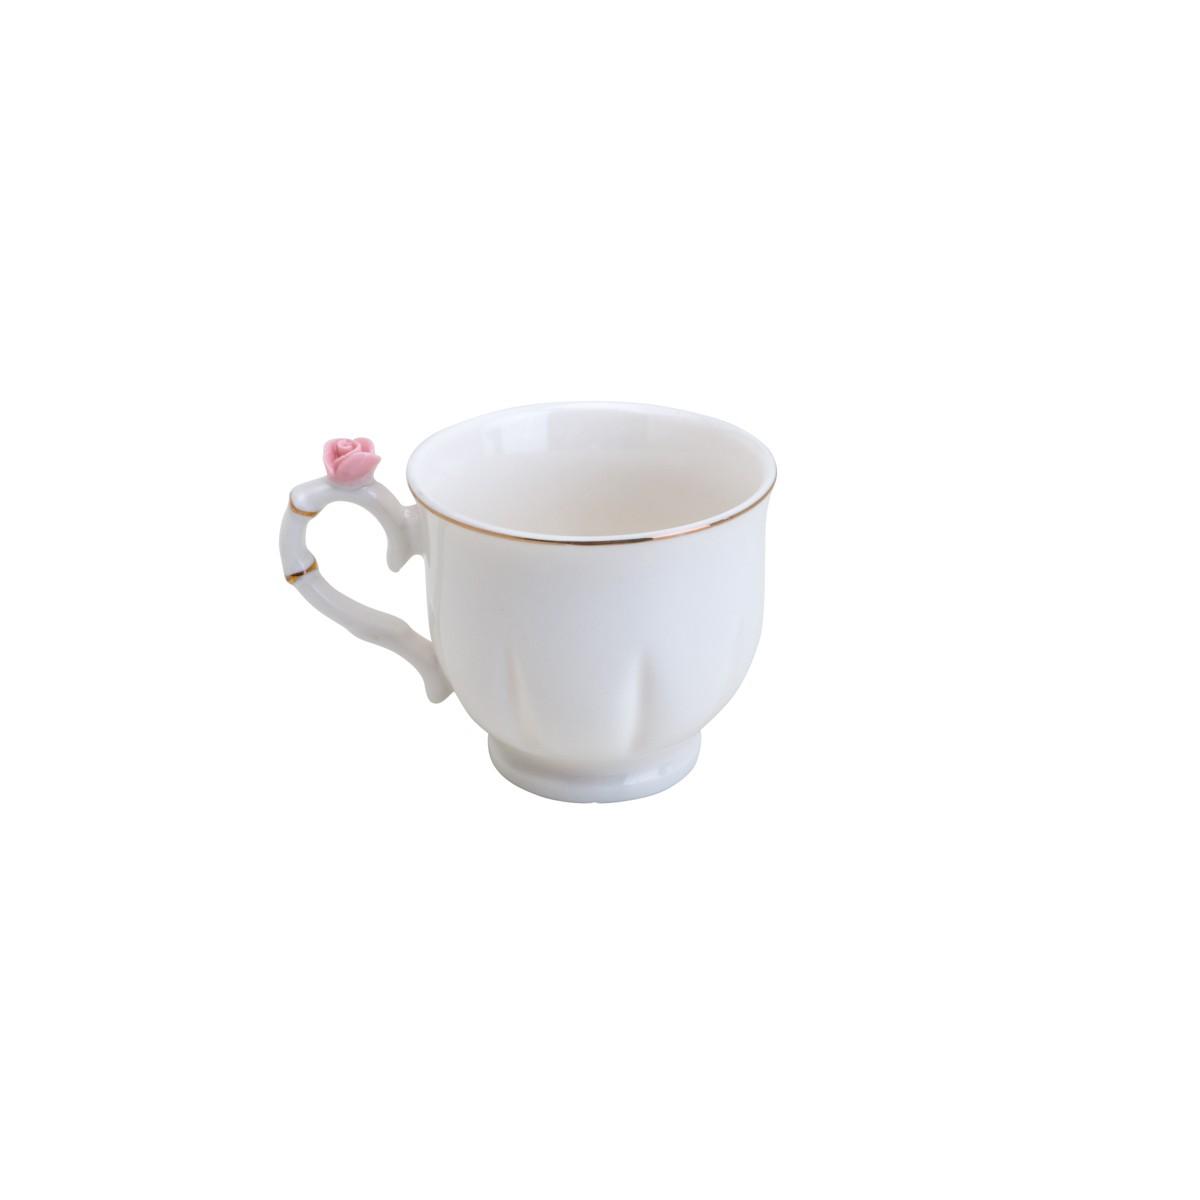 Jogo 6 xícaras 100ml para café de porcelana colorida com pires redondo Flower Wolff - 35472